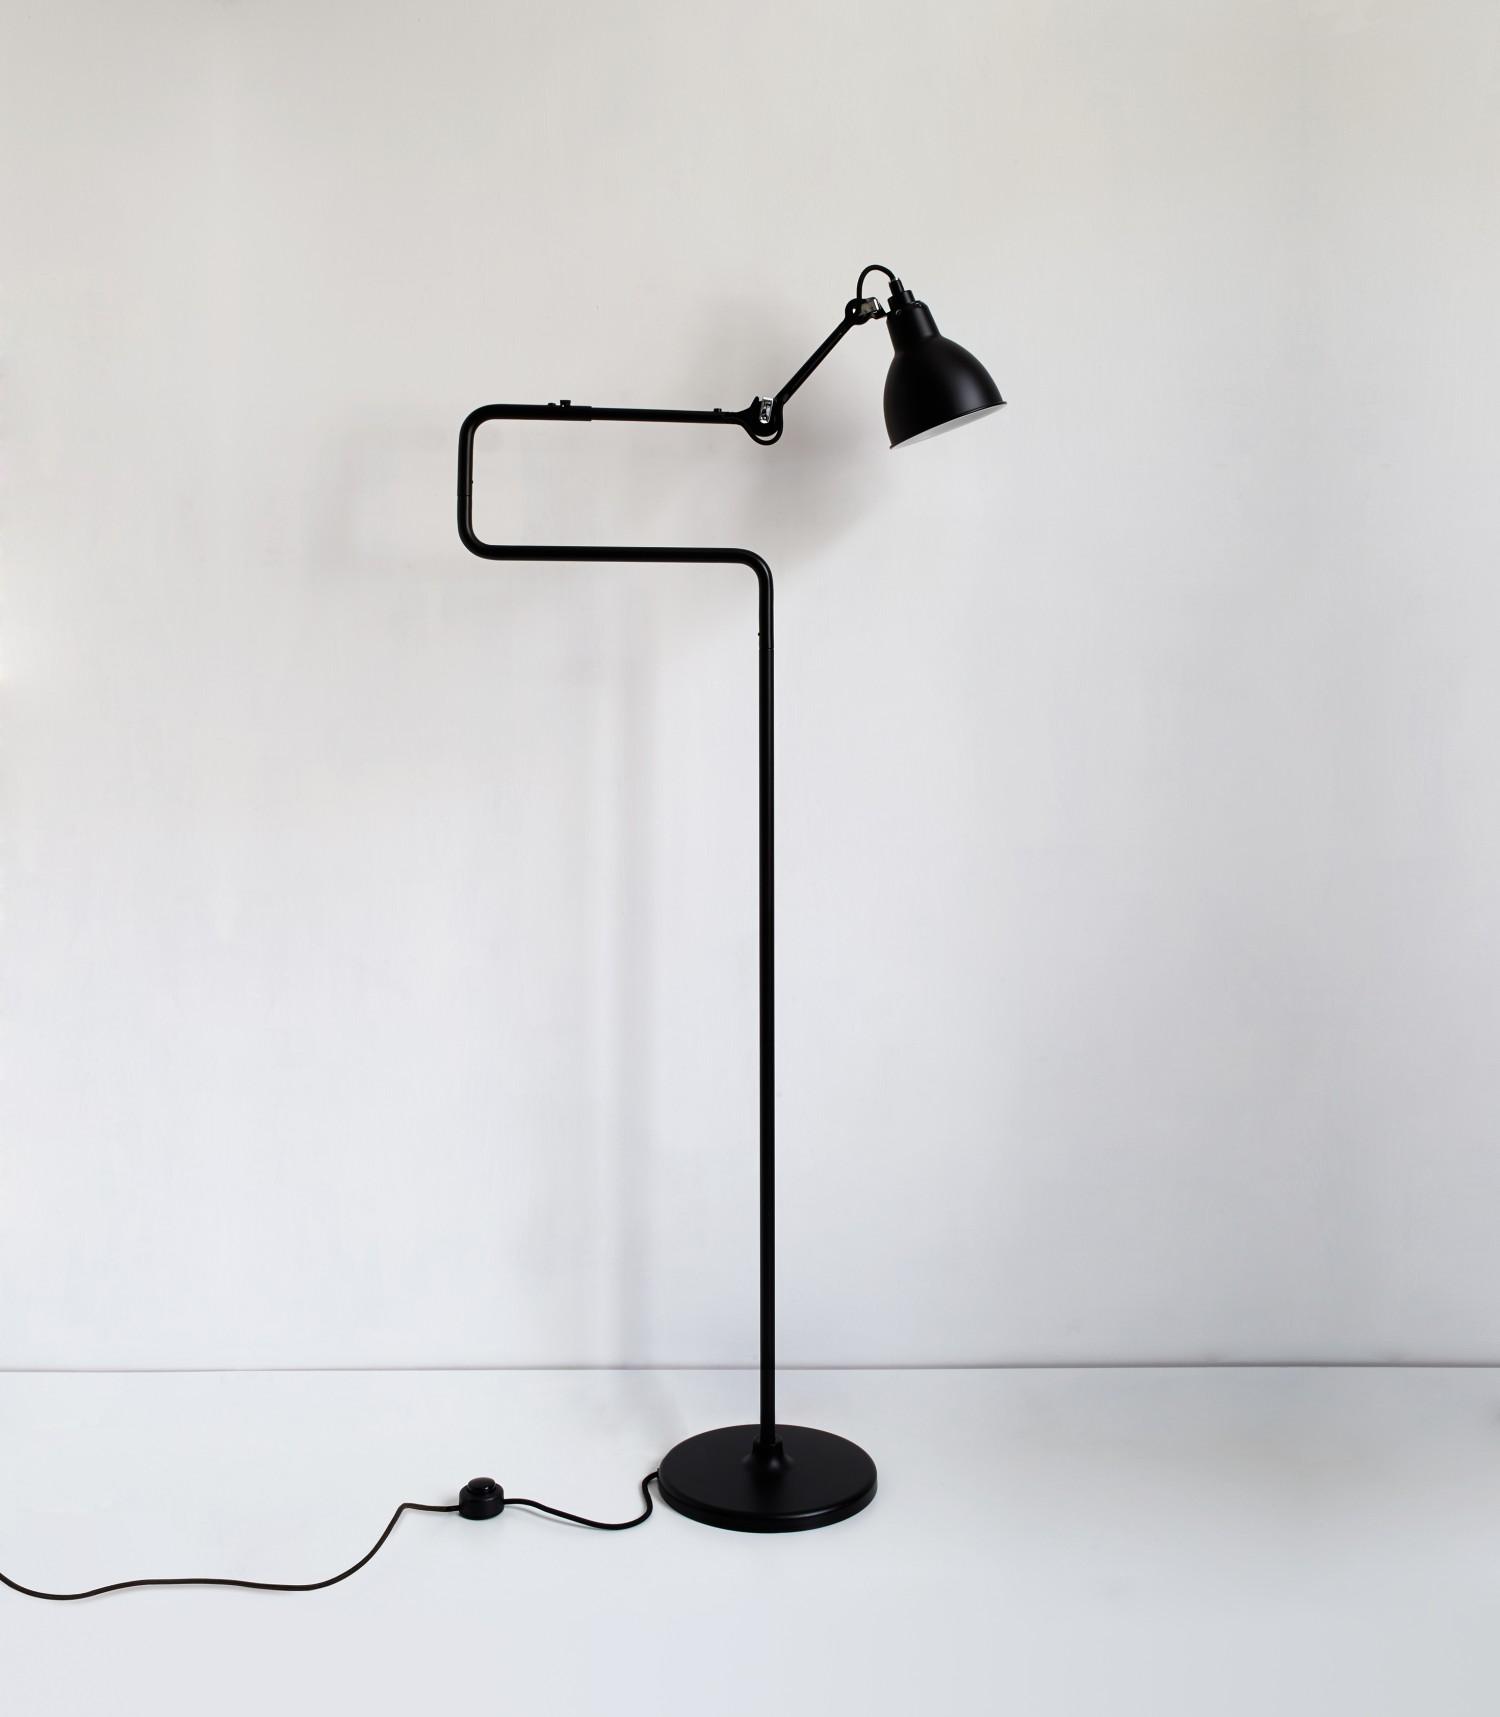 lampegras-modele-411-i8mxg484.jpg